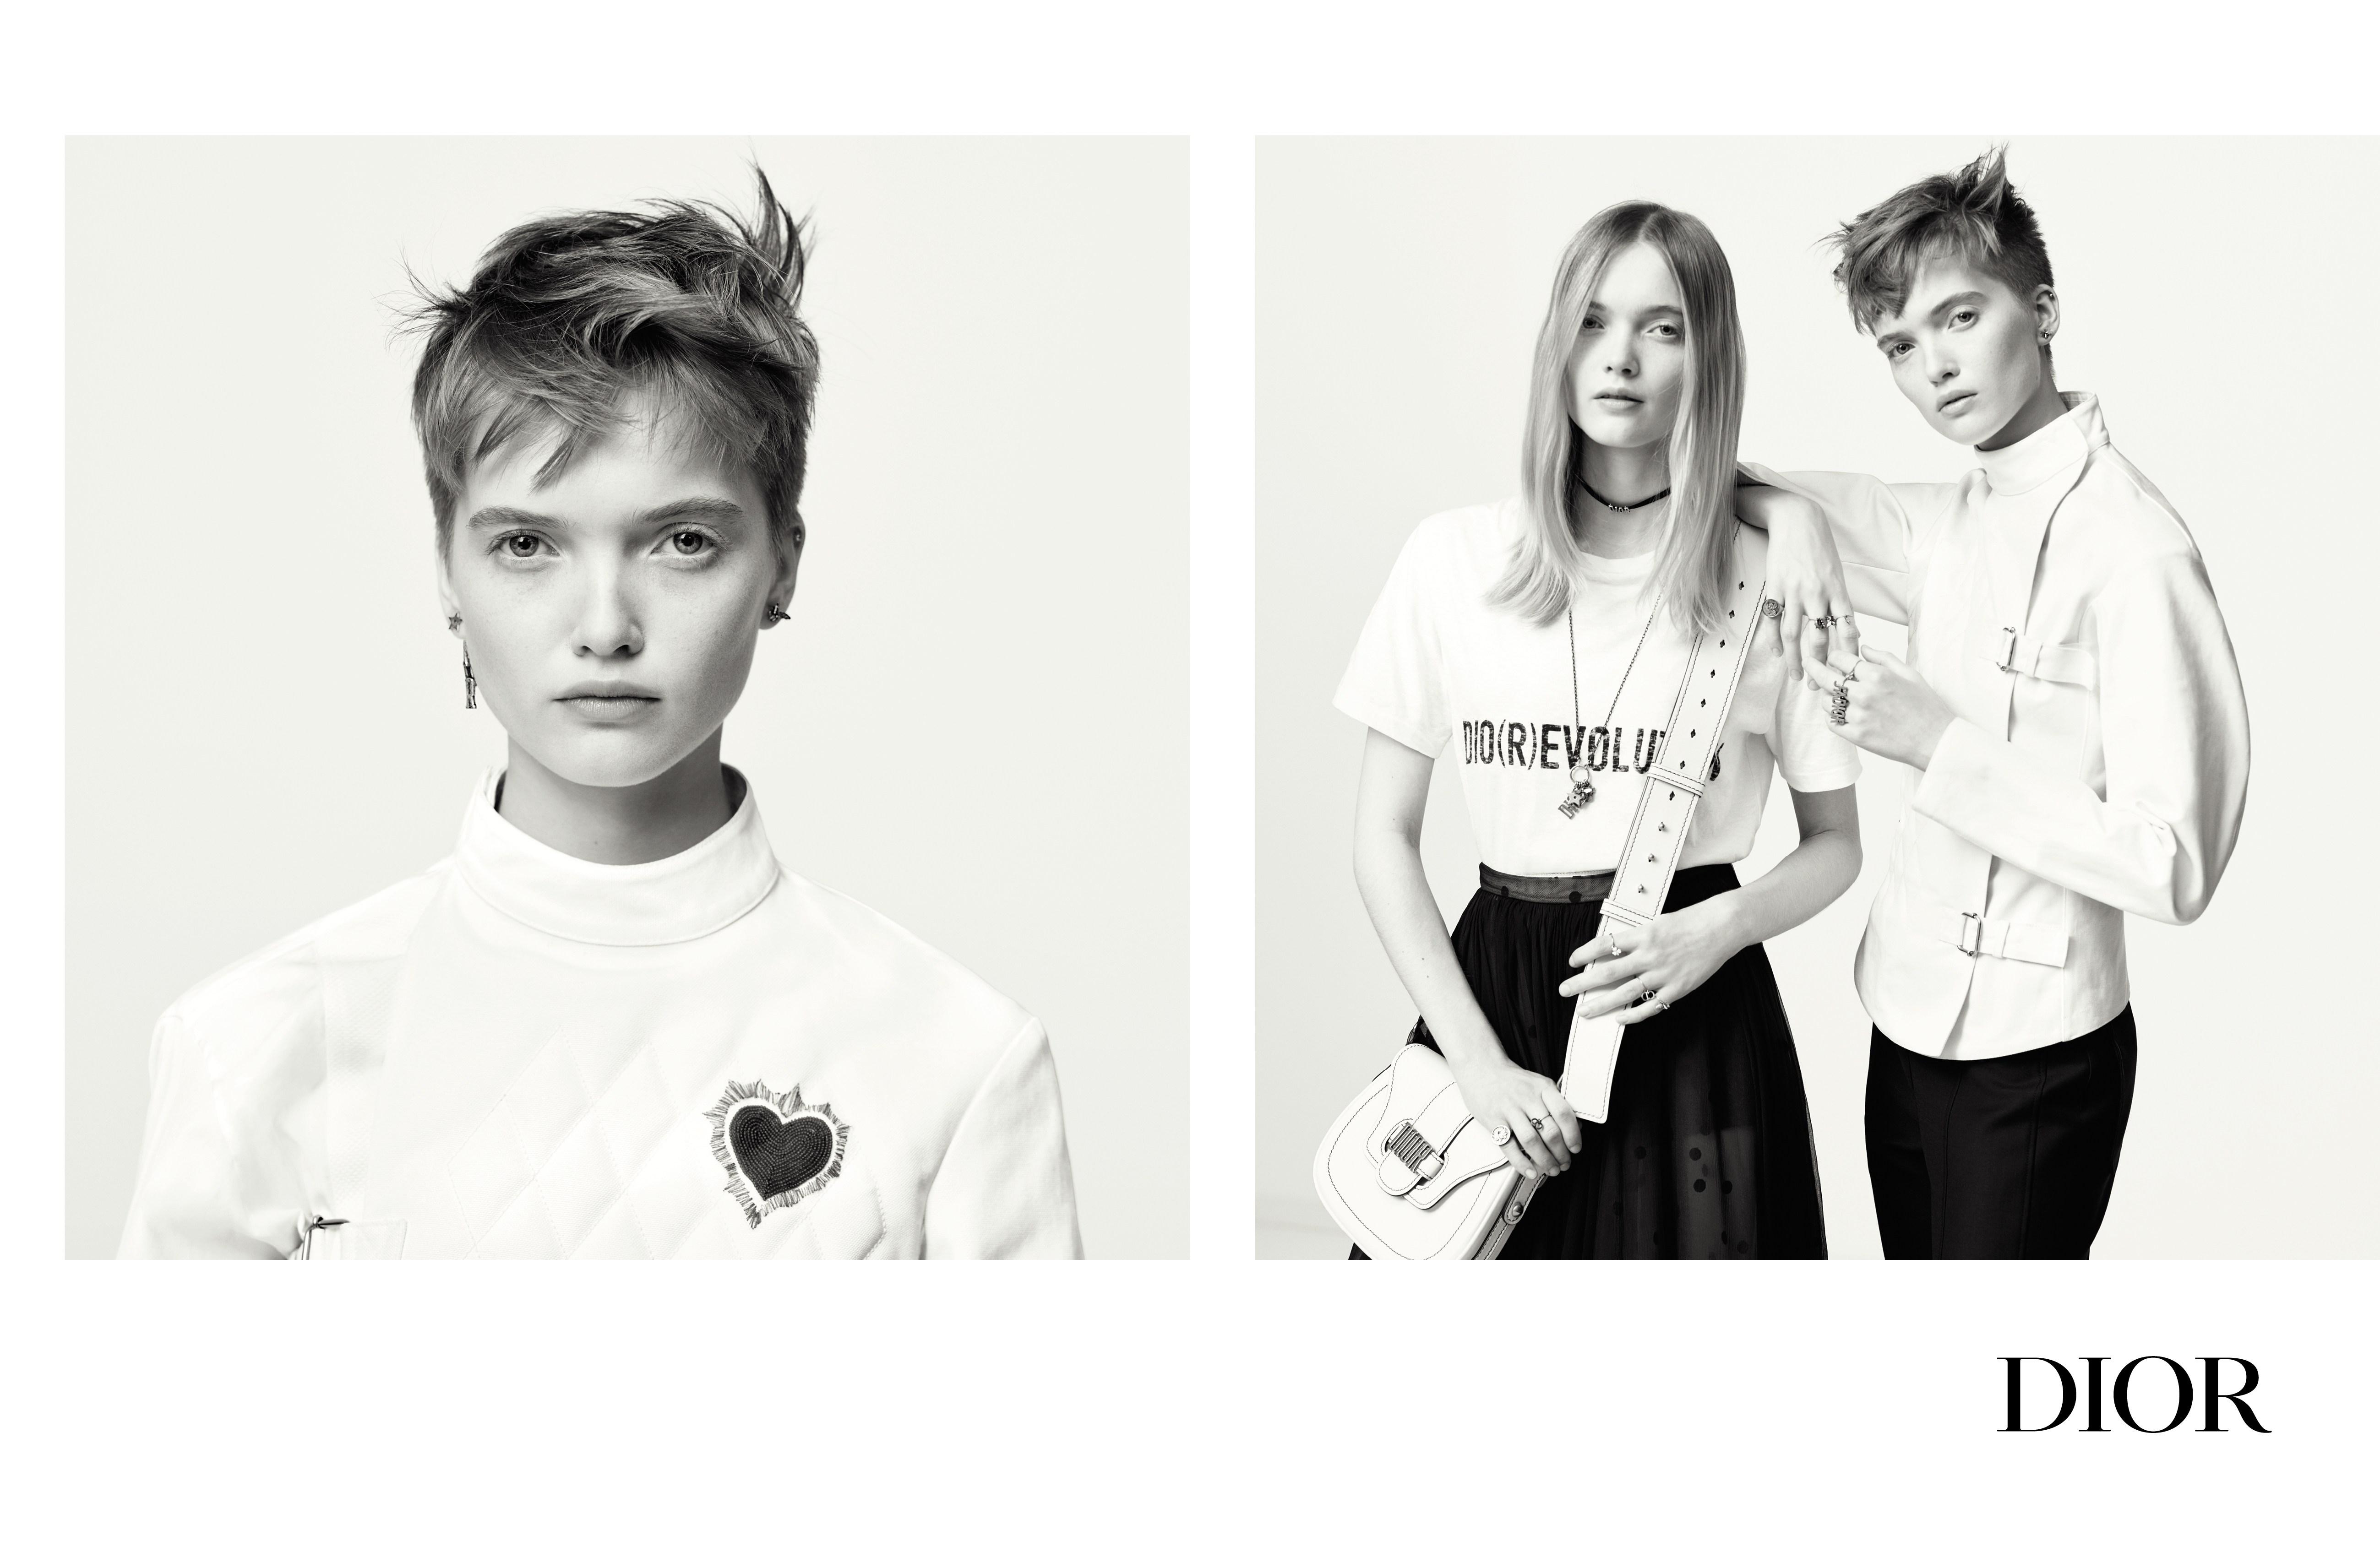 La primera campaña de Dior bajo la dirección de Maria Grazia Chiuri